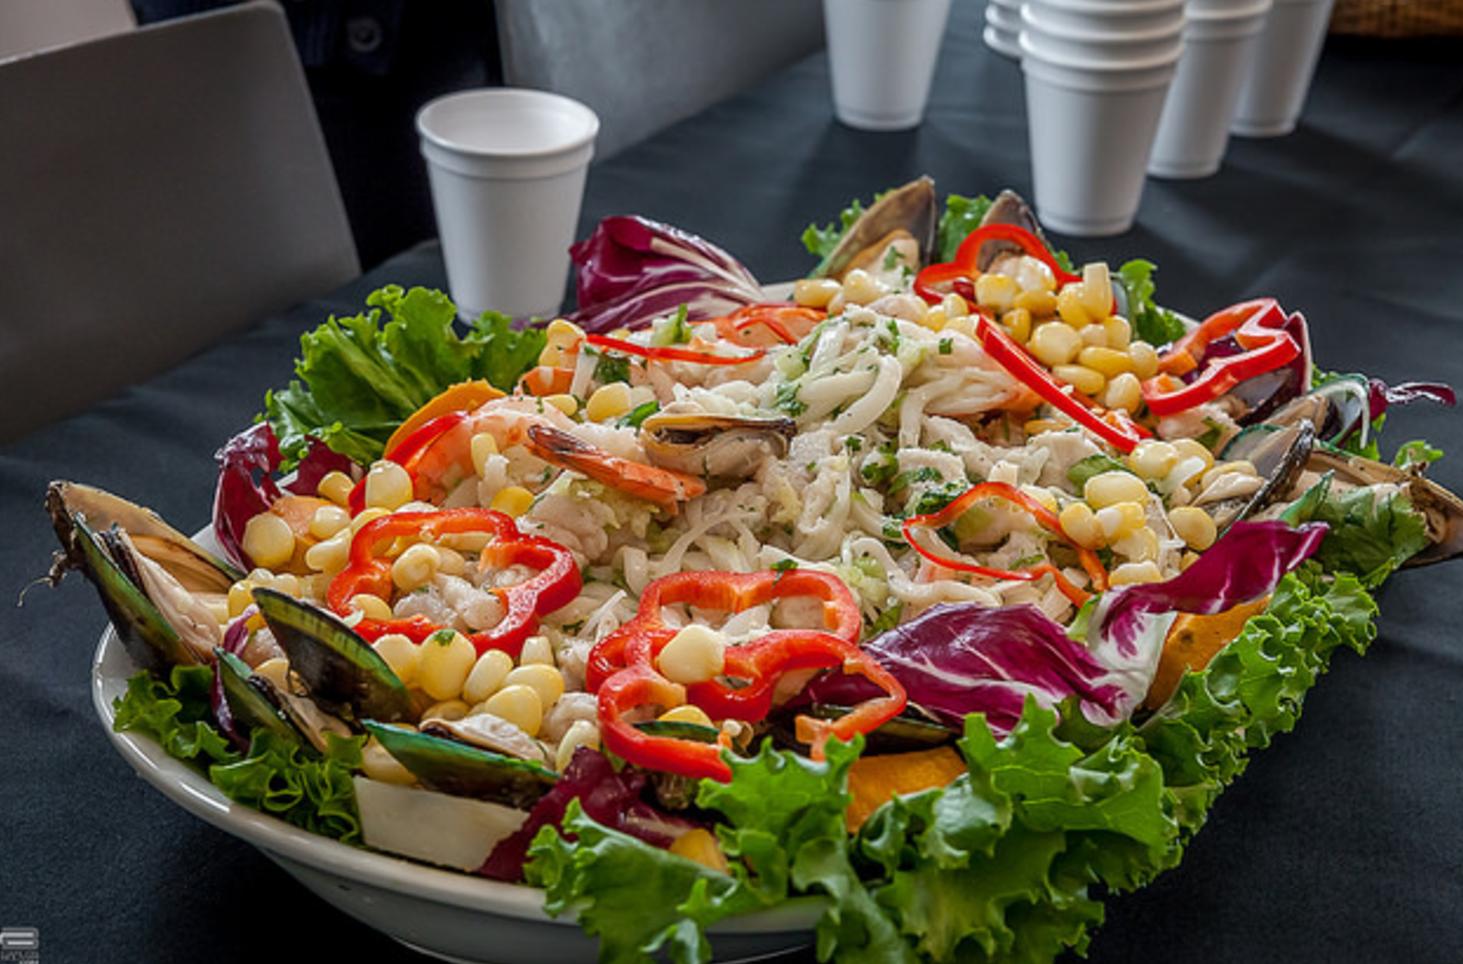 festivals3-healthyfood